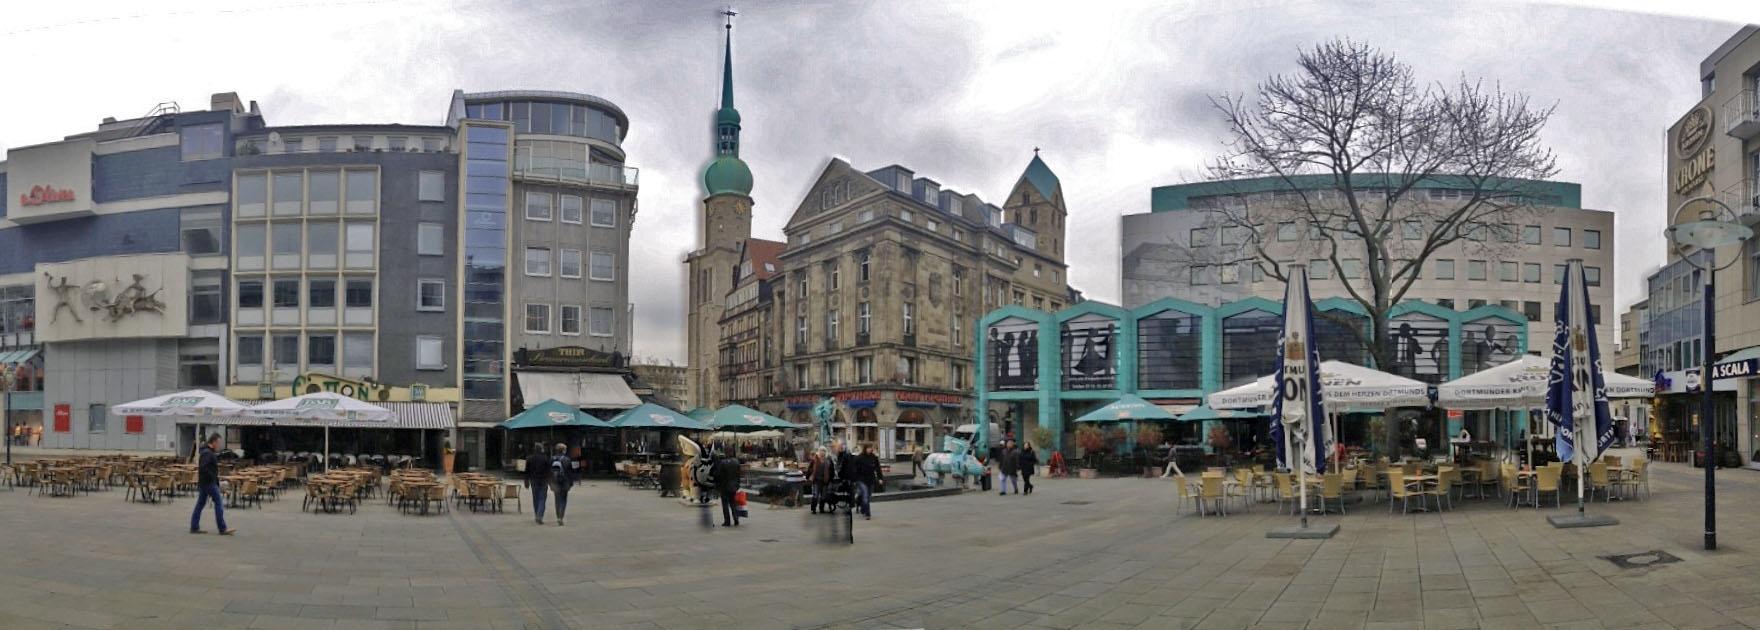 Dortmund Markt